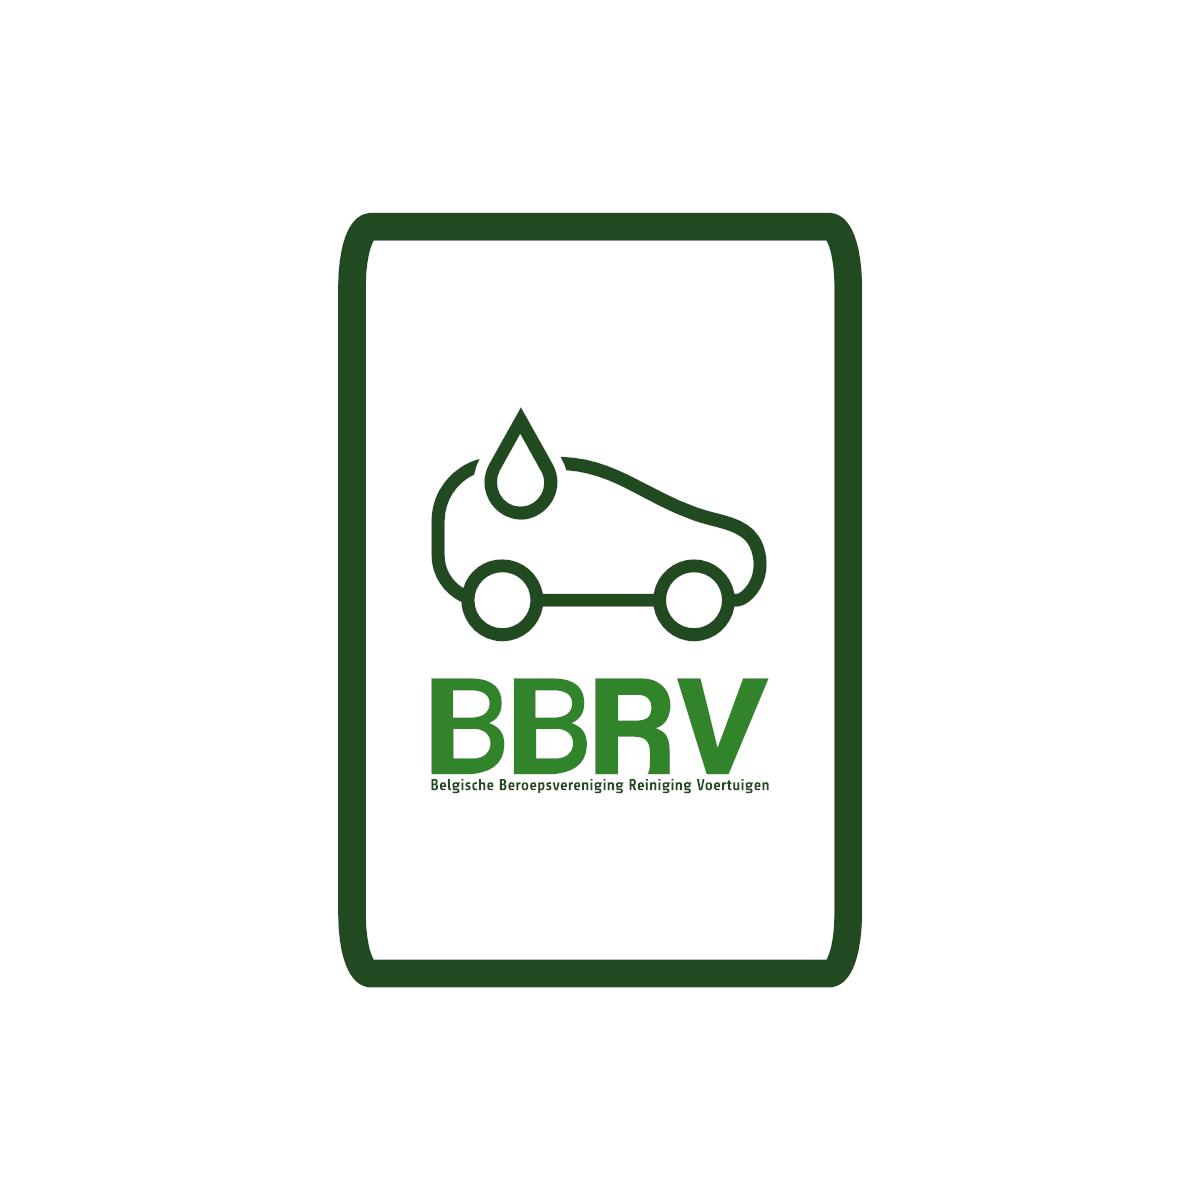 Belgische Beroepsvereniging Reiniging Voertuigen